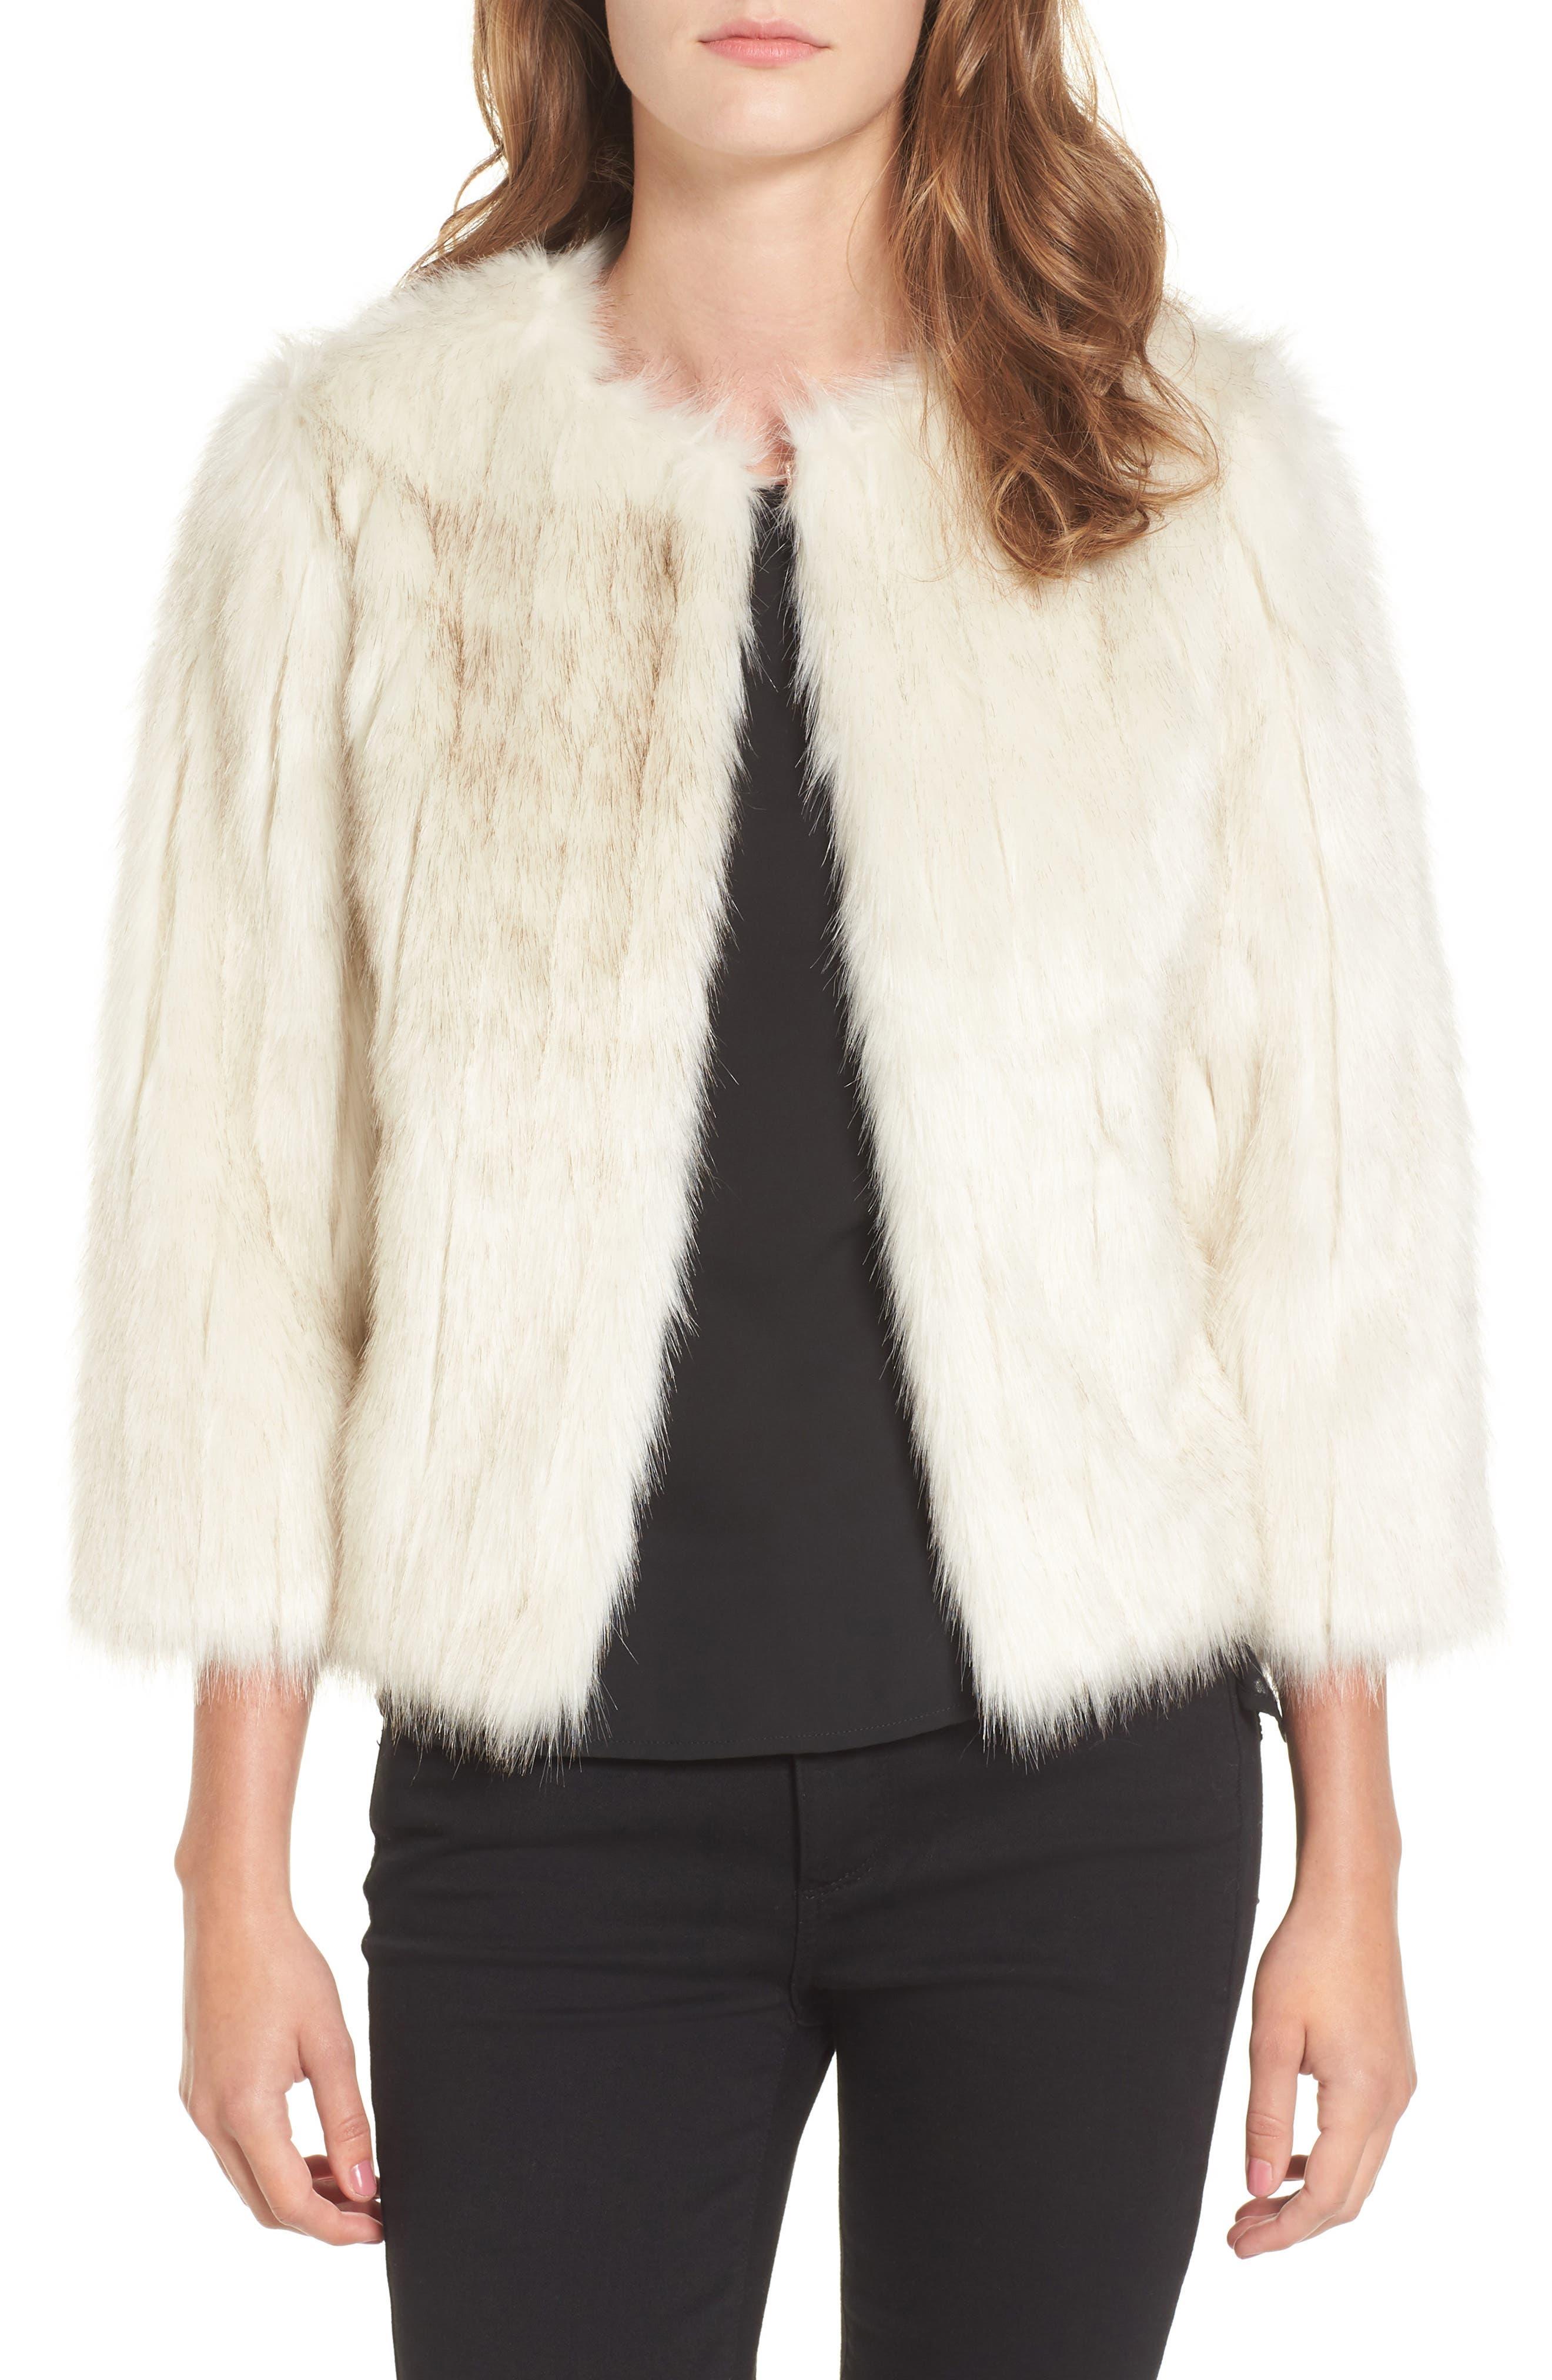 Winter Faux Fur Jacket,                             Main thumbnail 1, color,